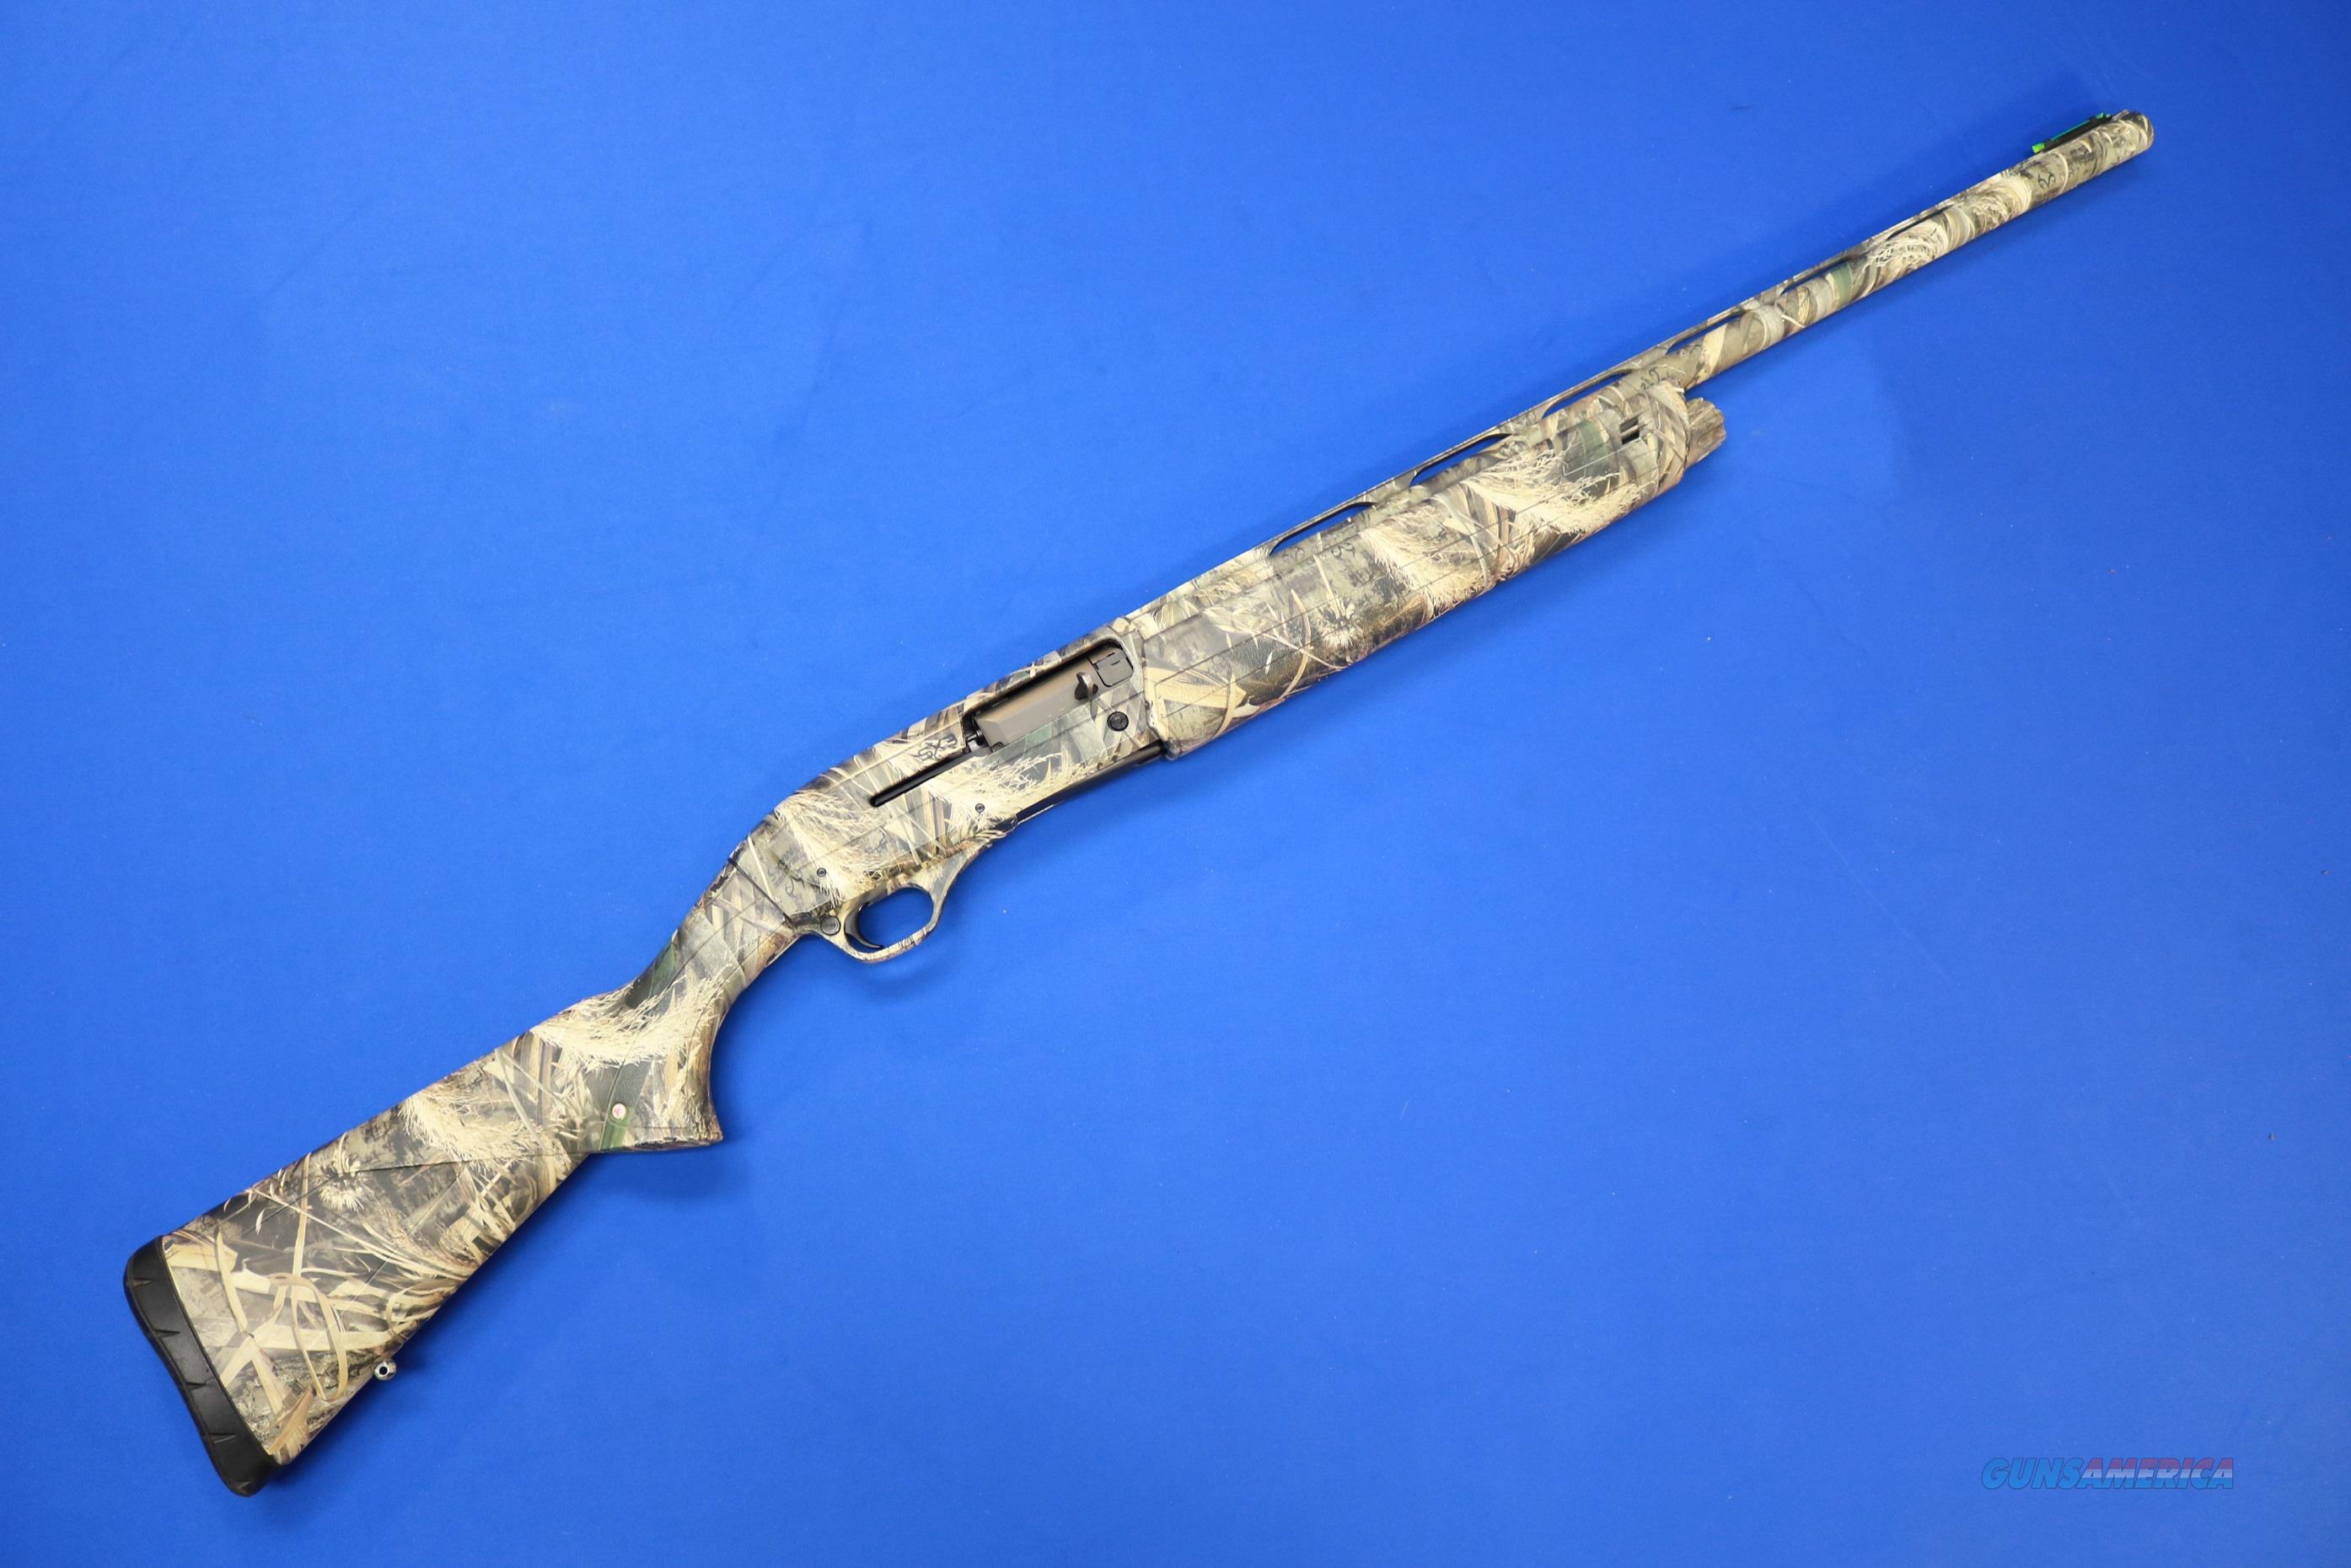 WINCHESTER SUPER-X 3 SX3 REALTREE MAX-5 CAMO 12 GA  Guns > Shotguns > Winchester Shotguns - Modern > Autoloaders > Hunting